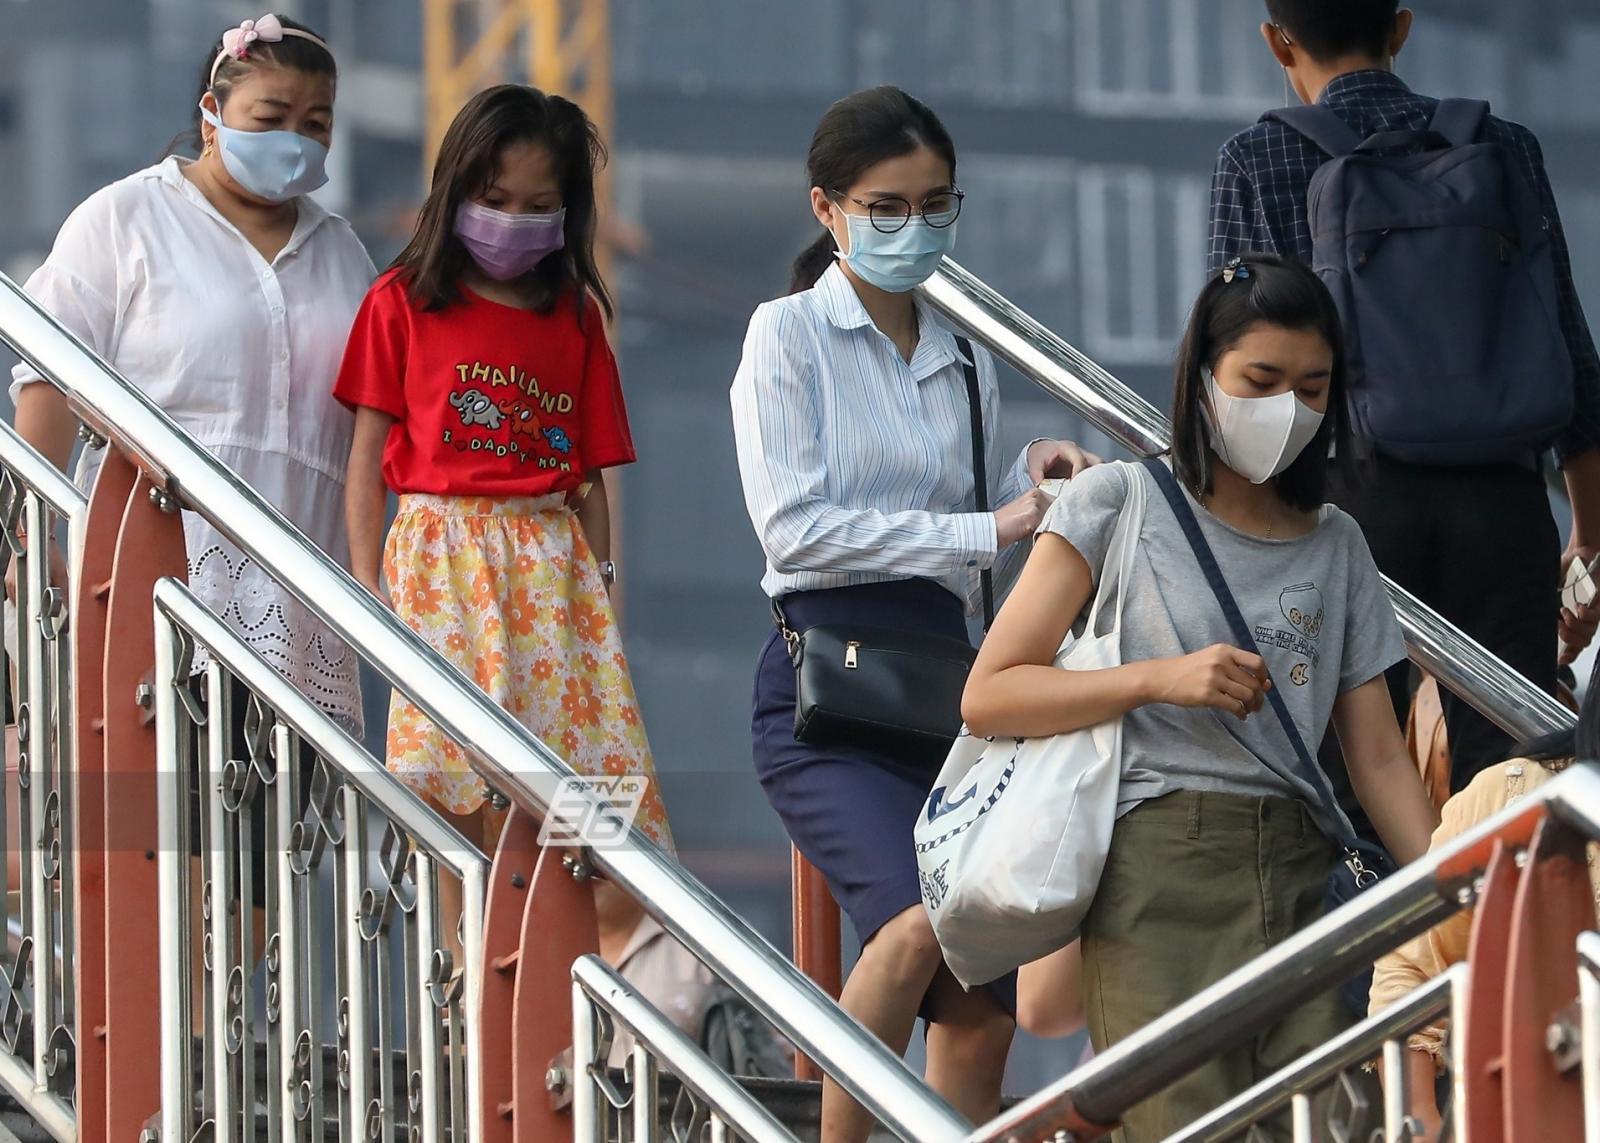 ปลัดกทม. เผย 4 เดือน พบผู้ป่วยจาก PM2.5 เกือบ 4 หมื่นราย